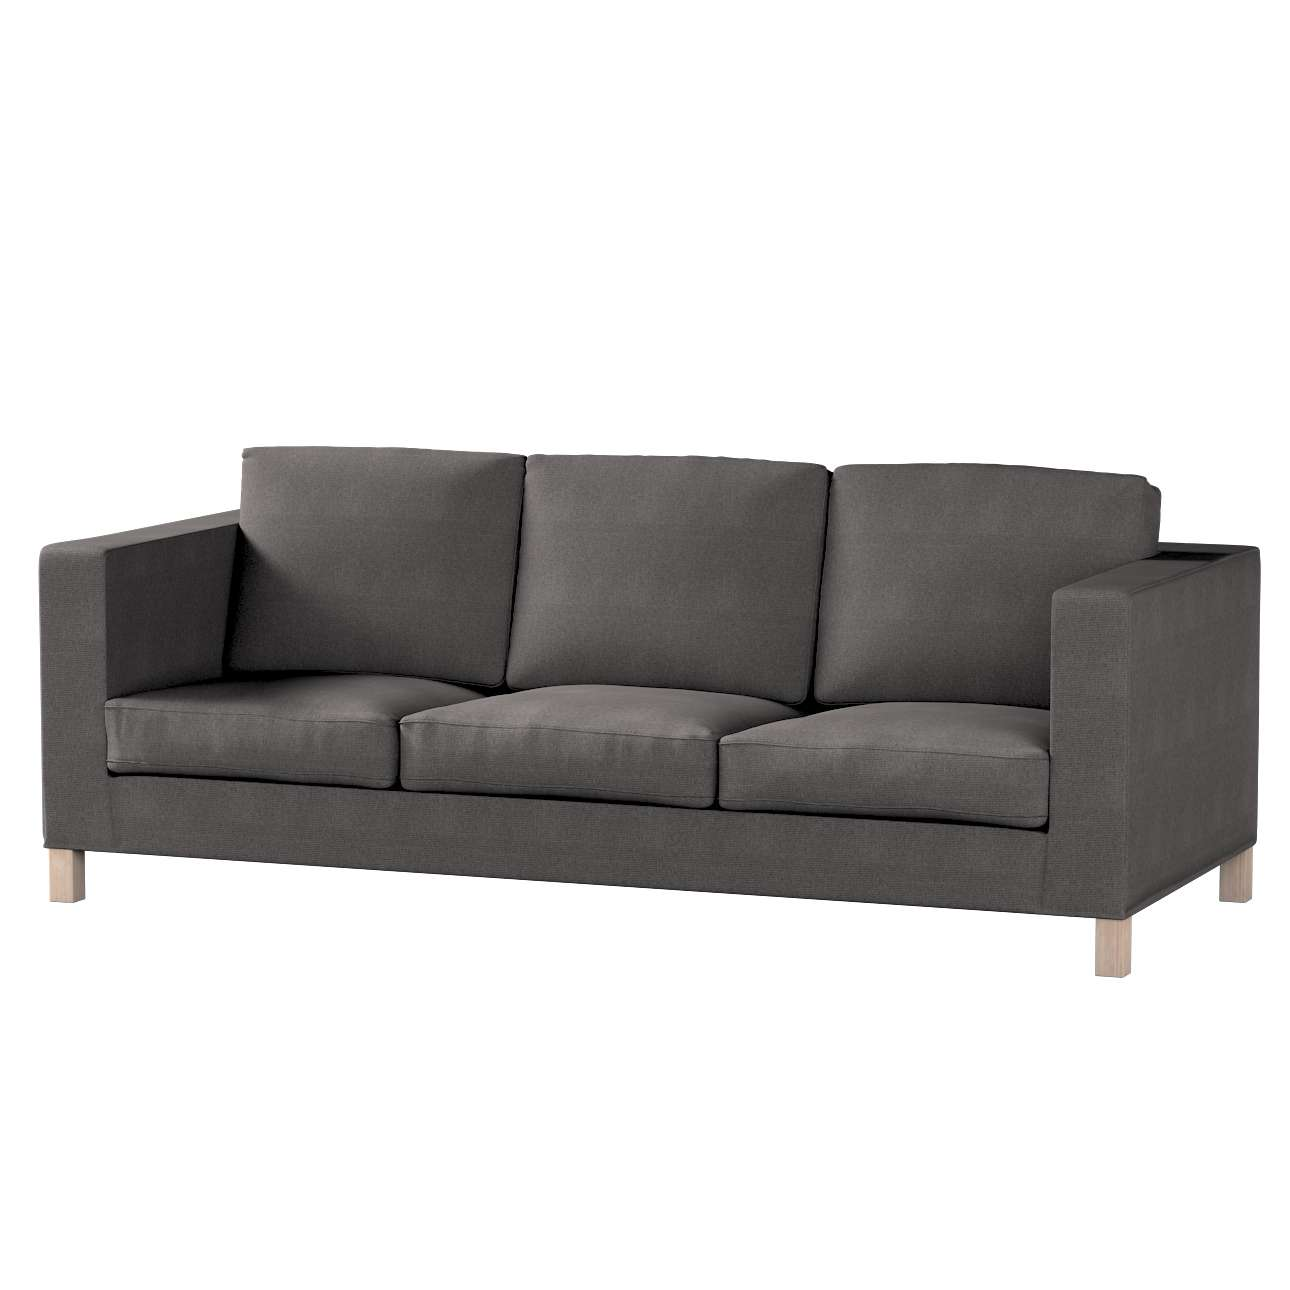 Karlanda 3-Sitzer  Sofabezug nicht ausklappbar kurz Karlanda 3-Sitzer, kurz von der Kollektion Etna, Stoff: 705-35